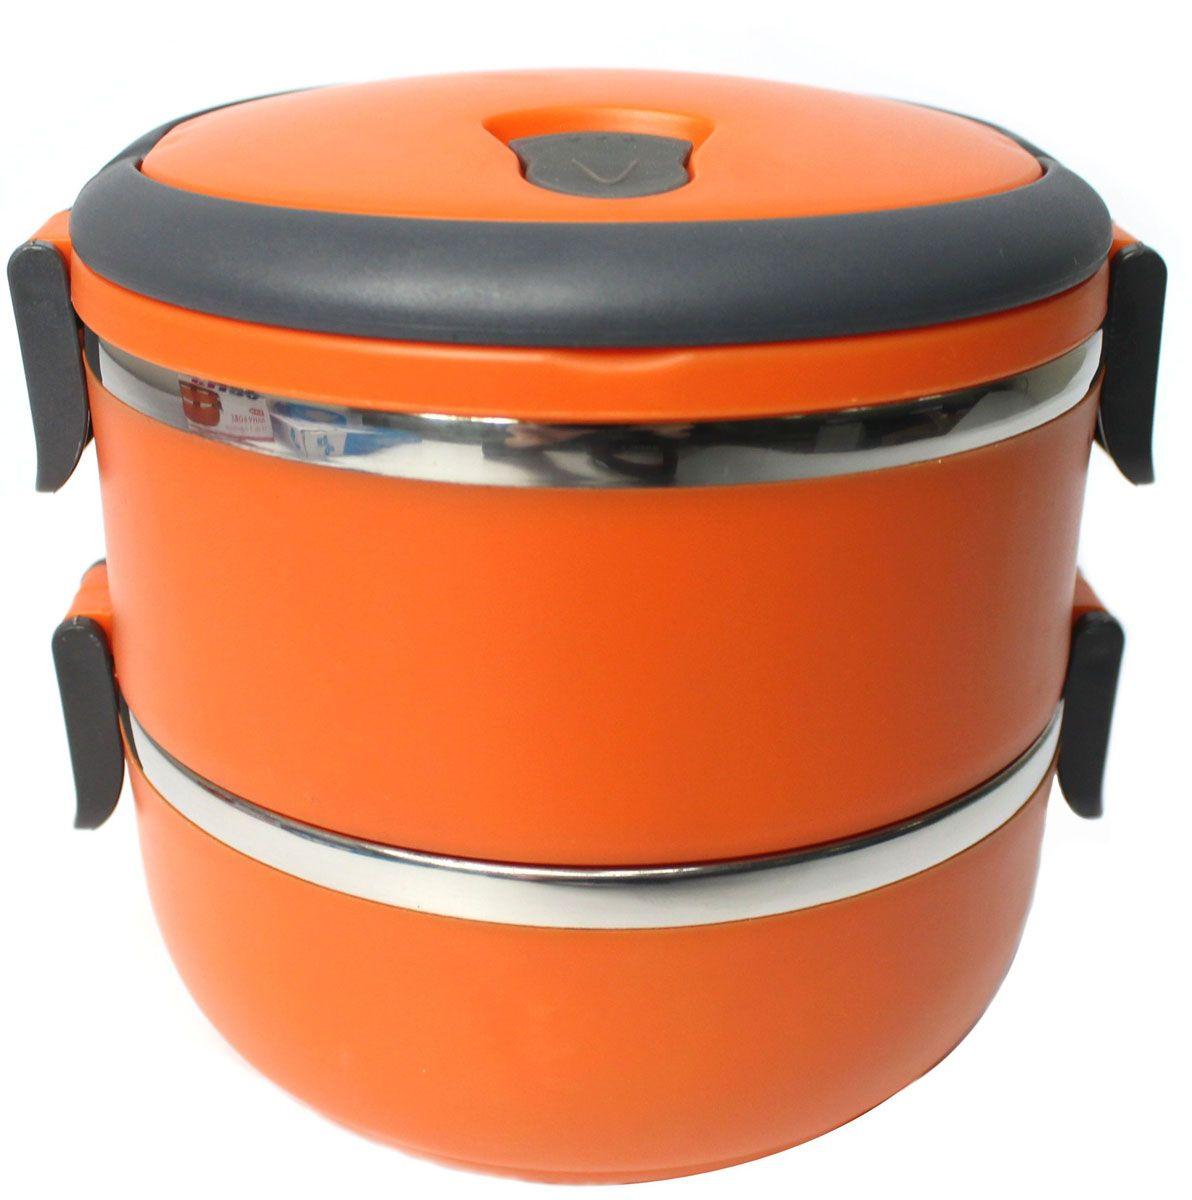 Ланч-бокс Vetta, 2 отделения, 1,4 л841711Ланч-боксы Vetta сохраняют полезные свойства продуктов, герметичны и изготовлены из безопасных материалов. Ланч-бокс имеет 2 отделения. Внутренние емкости изготовлены из нержавеющей стали, снаружи покрыты гигиеничным, приятным на ощупь пластиком. Крышка ланч-бокса снабжена резиновым уплотнителем и платиковыми защелками, что обеспечивает герметичность. Крышка ланч-бокса снабжена закрывающимся отверстием для выпуска пара, а также укомплектована удобной для переноски складной ручкой. Ланч-боксы Vetta - это удобно и надежно, позволяют питаться правильно! Удобные и современные ланч-боксы позволяют взять еду с собой, и вкусно пообедать во время работы или учебы.